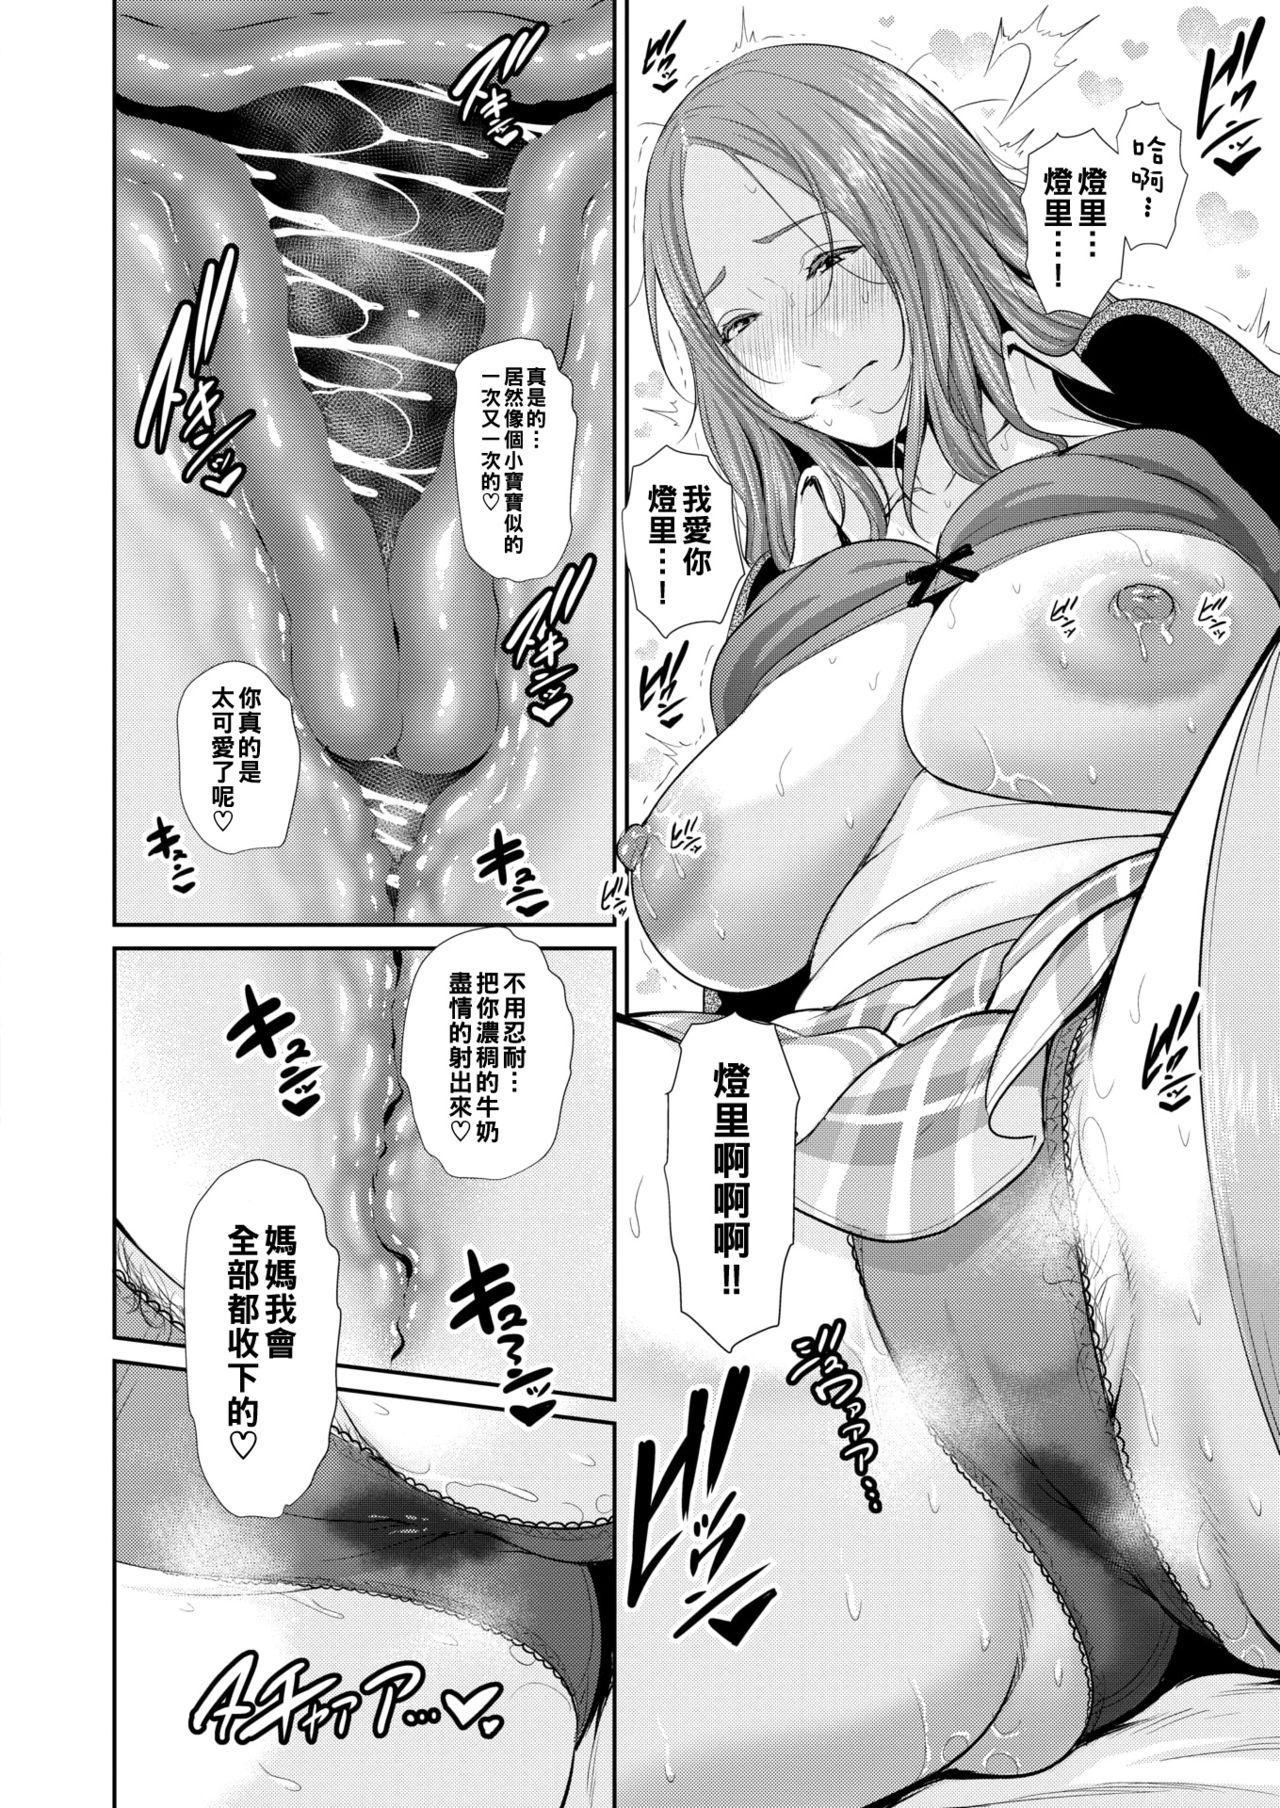 Kyuusoku wa Hokenshitsu de 9